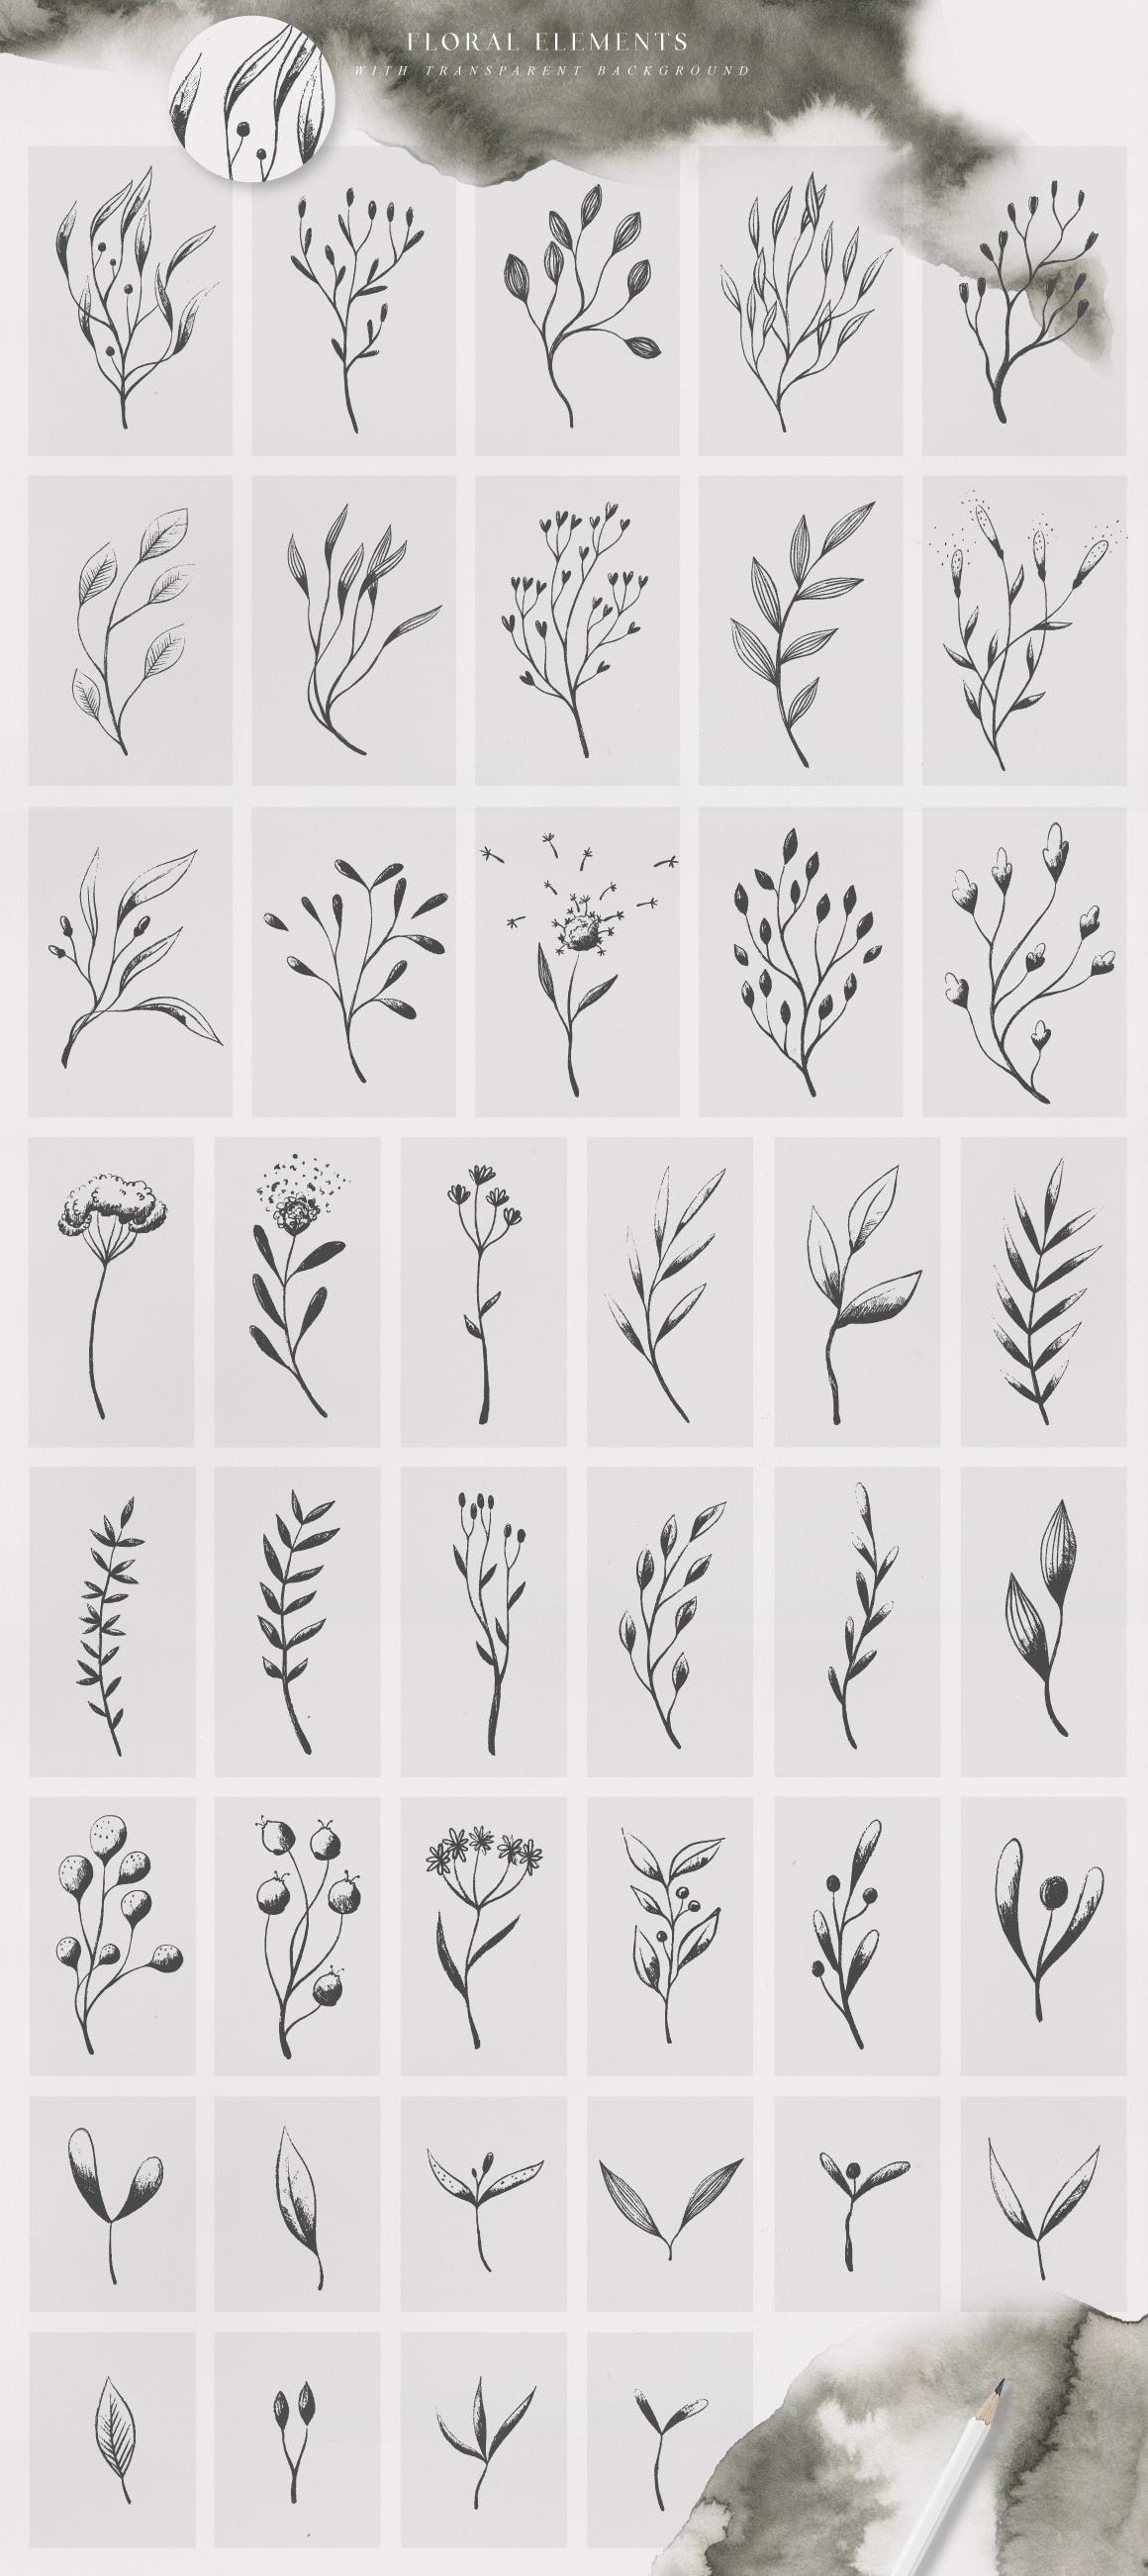 优美手绘水彩花卉树叶&水墨水彩背景素材 Magic Ombre插图(4)